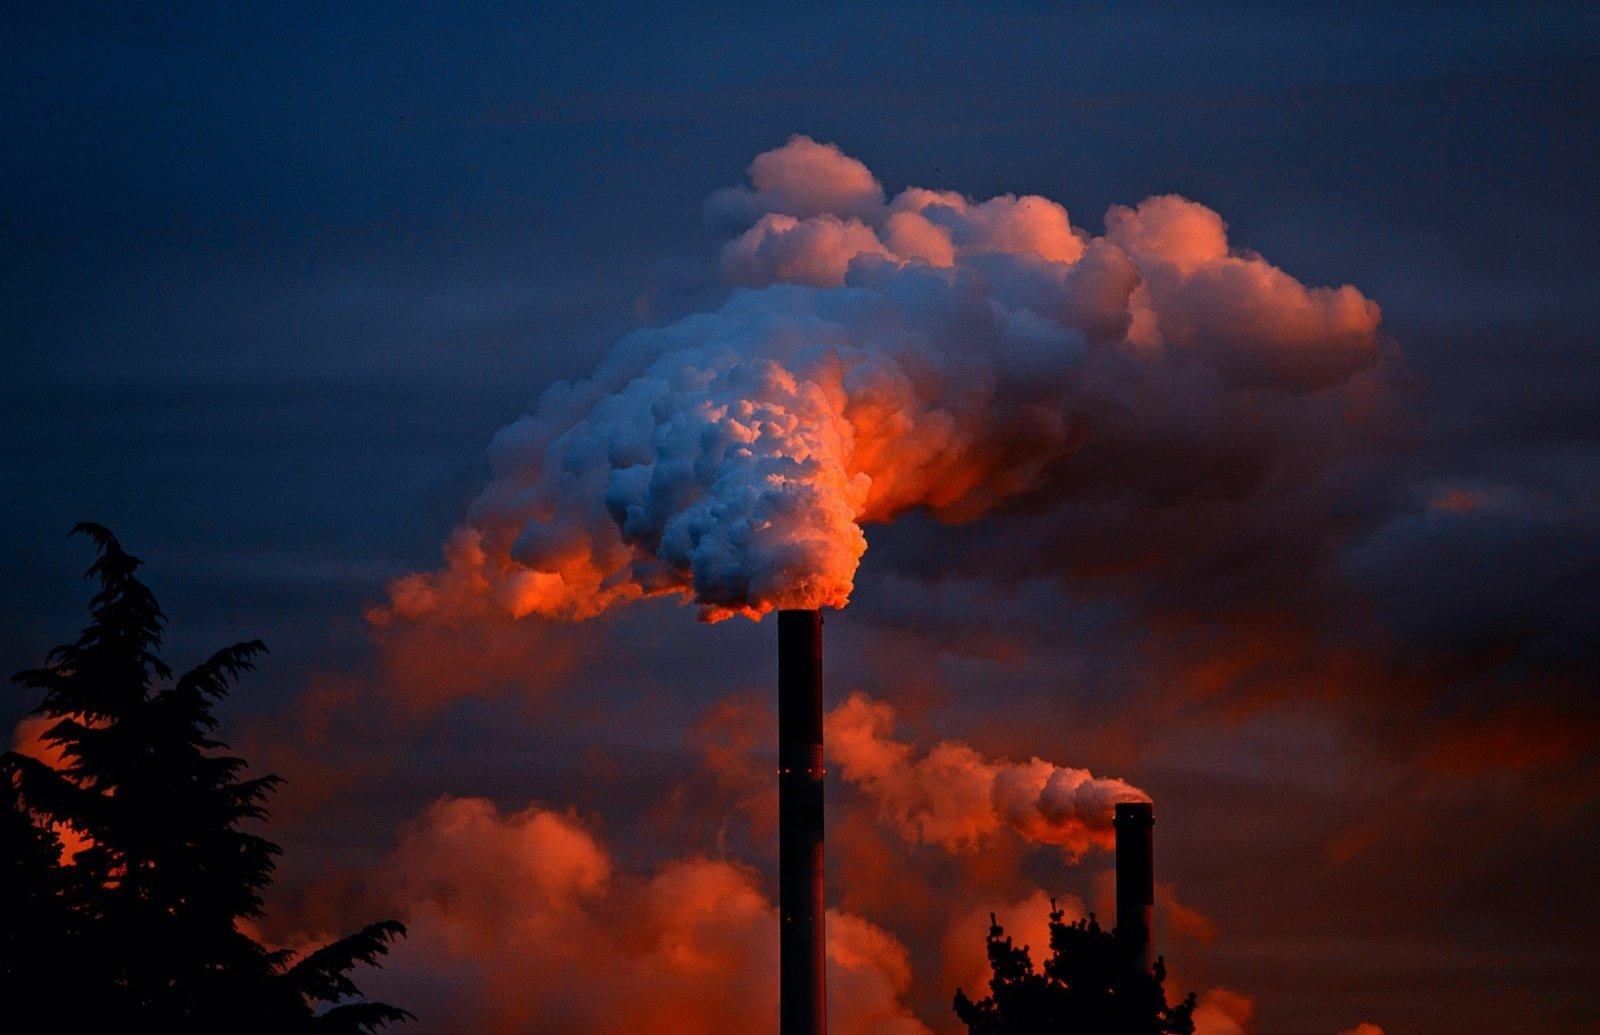 Nustatyta, kad oro tarša gali pakenkti žmogaus uoslei